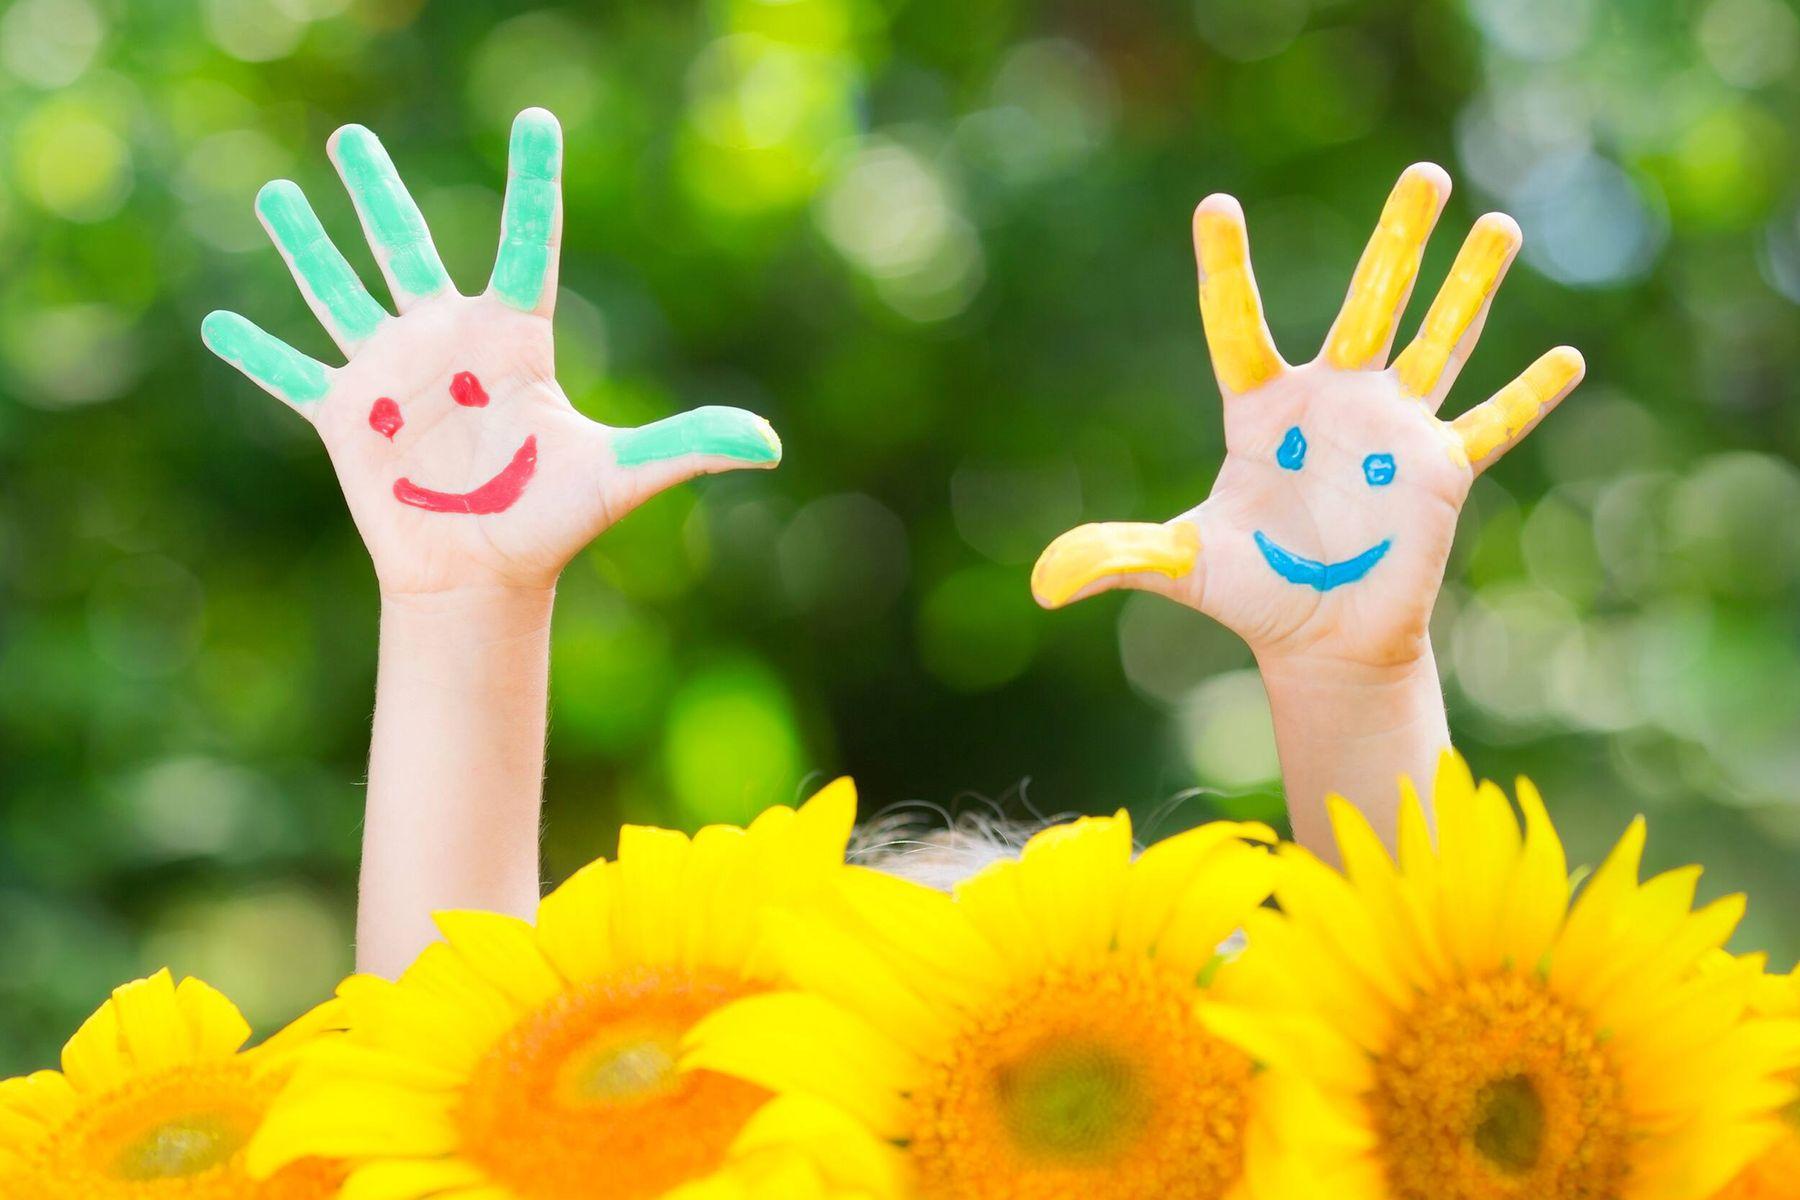 zwei bemalte kinderhände hinter sonnenblumen